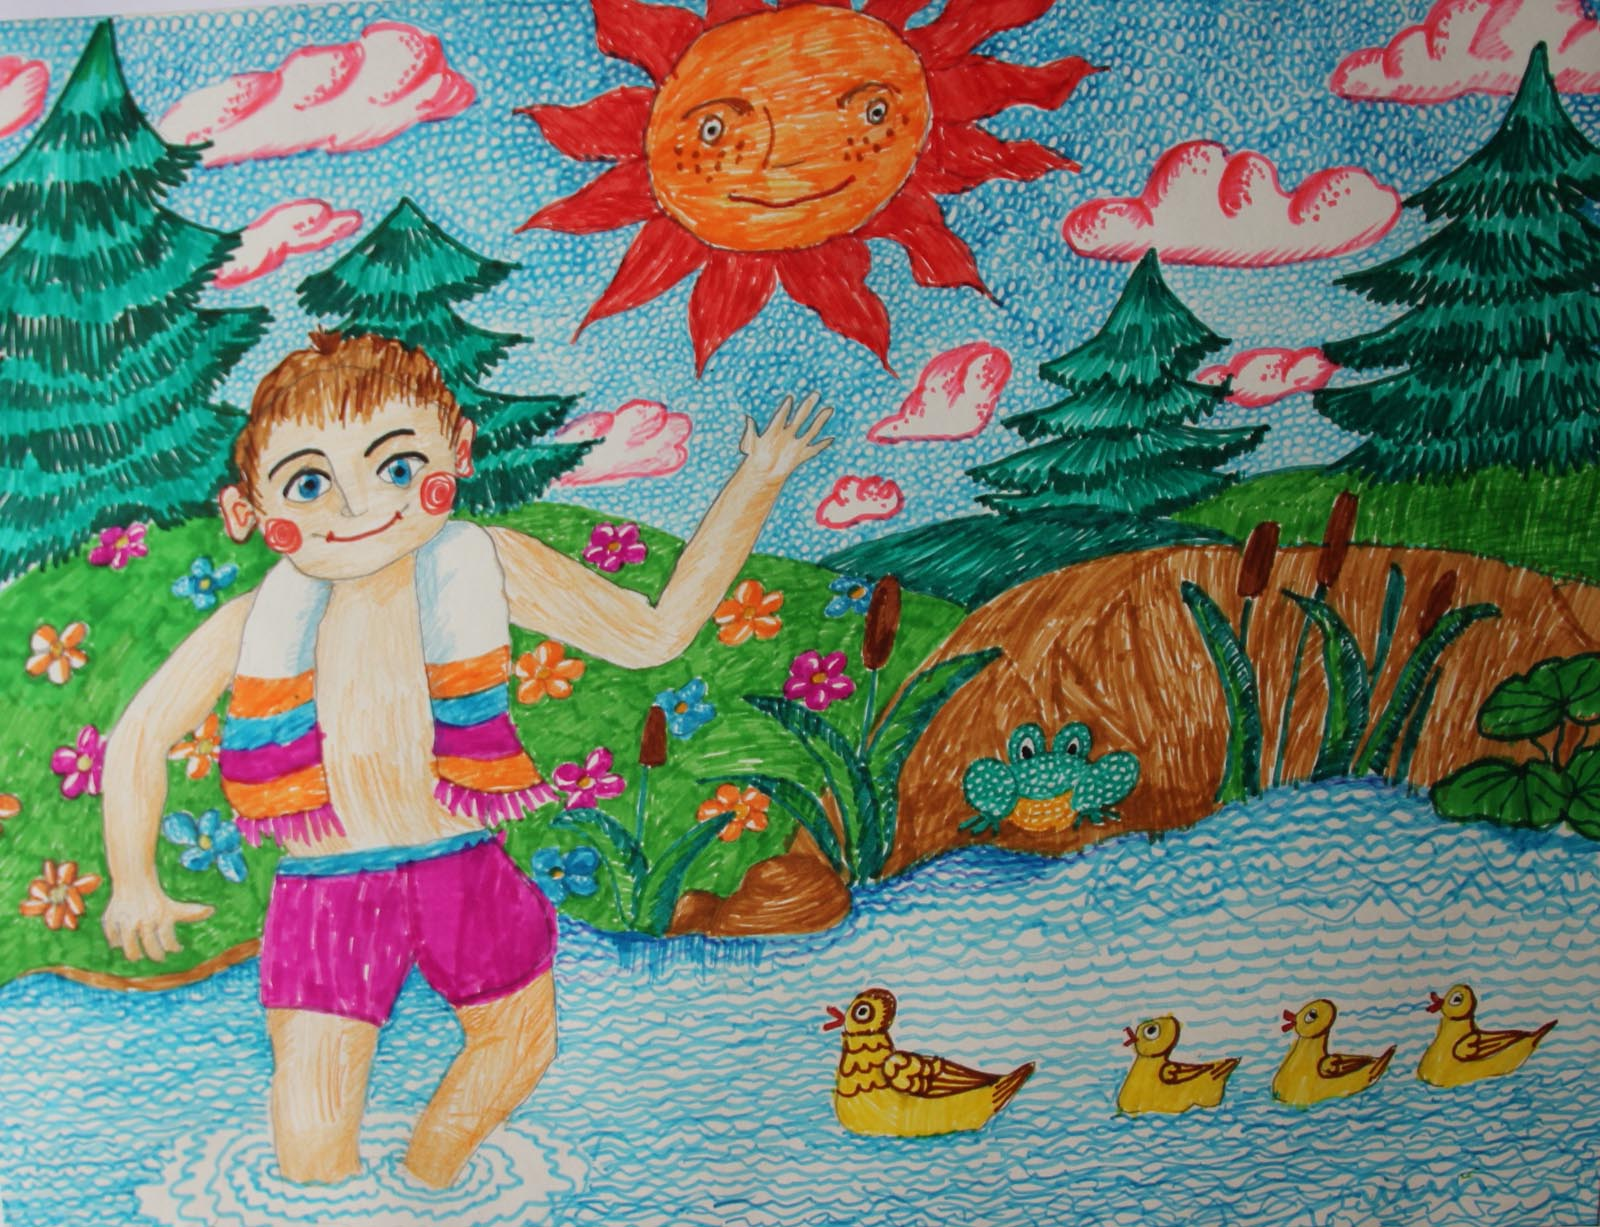 недорогие рисунки о здоровье фото что молодости лопес